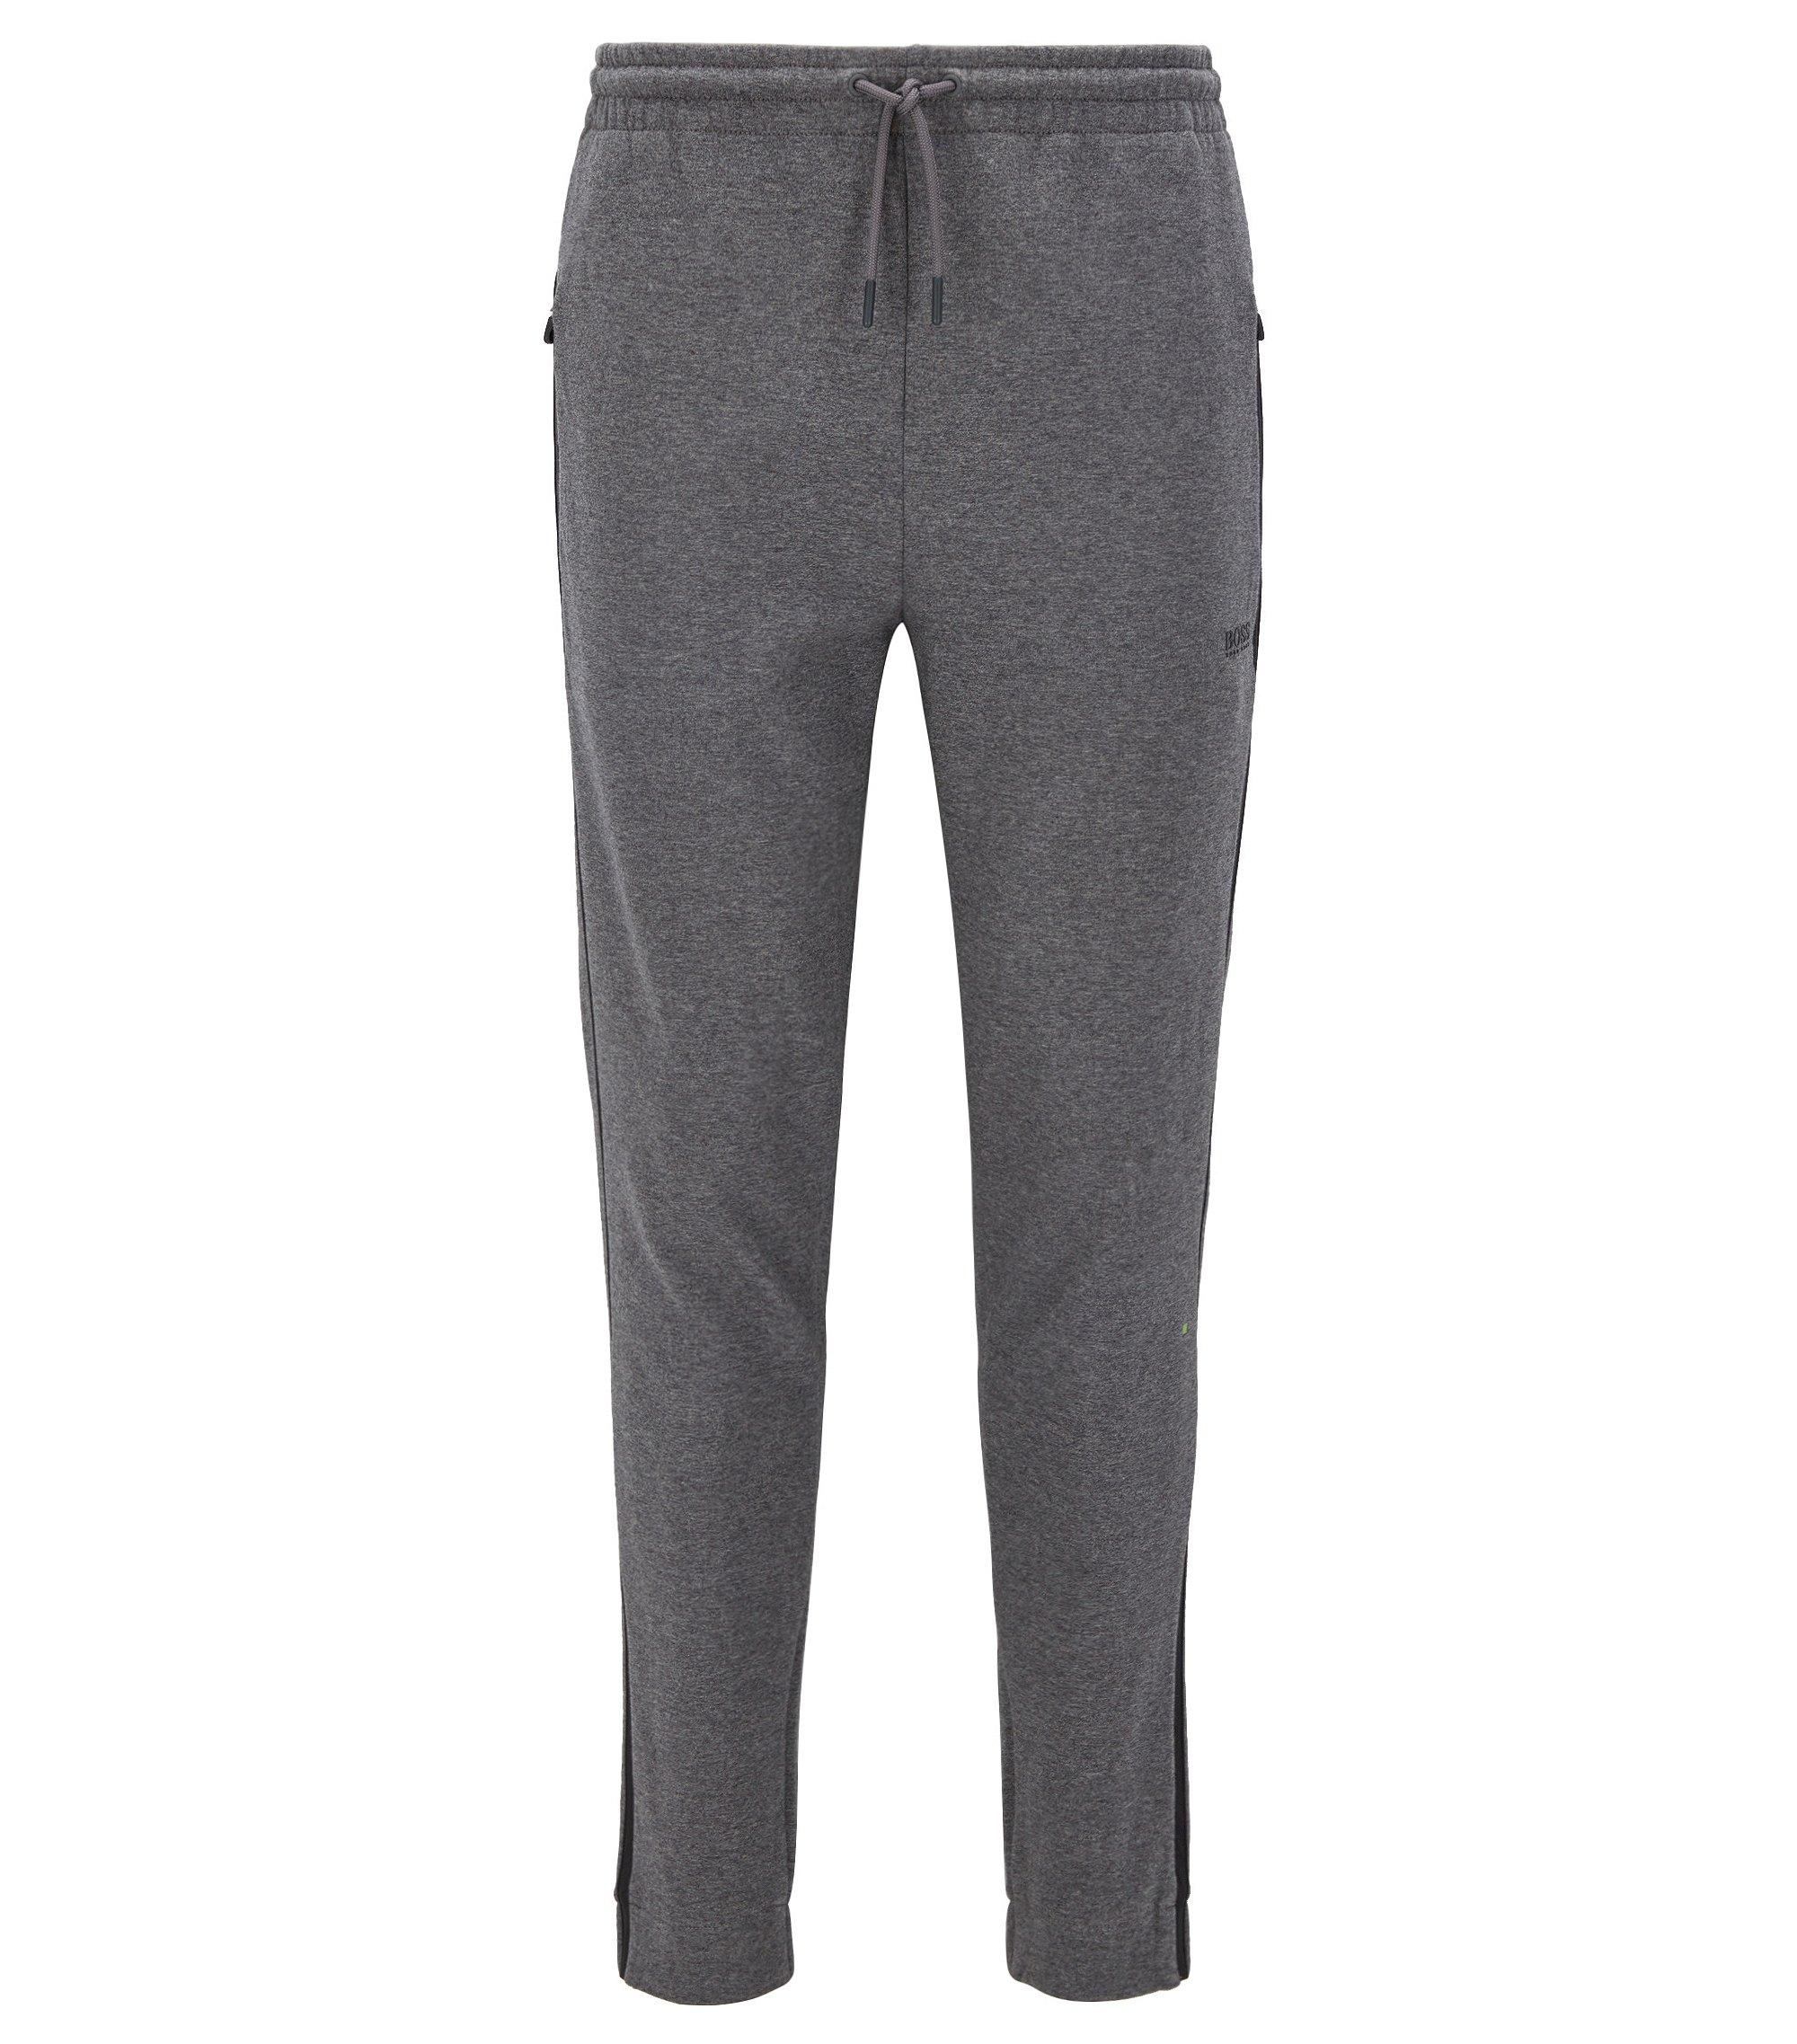 Regular-Fit Hose aus Baumwoll-Jersey mit Kontrast-Streifen, Grau